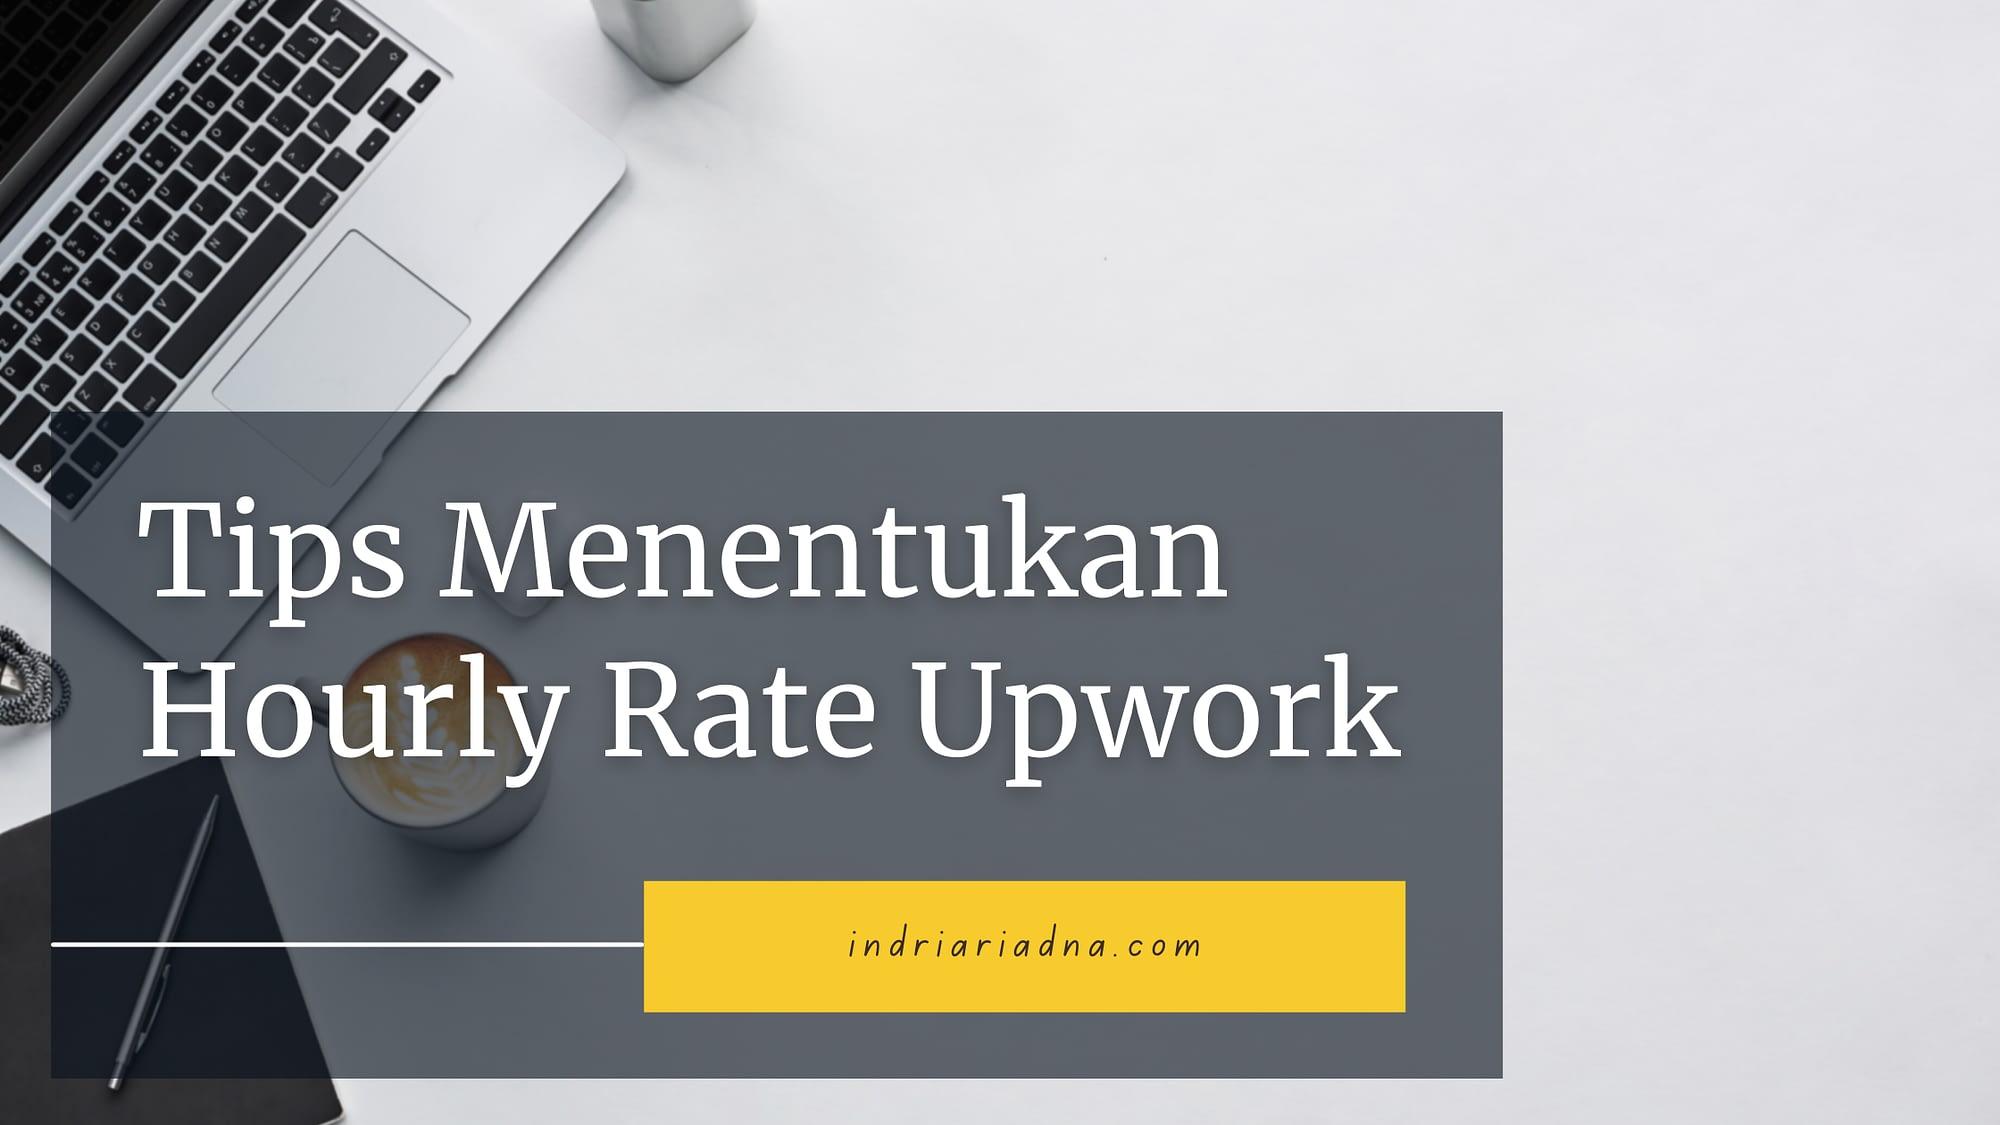 tips menentukan hourly rate upwork